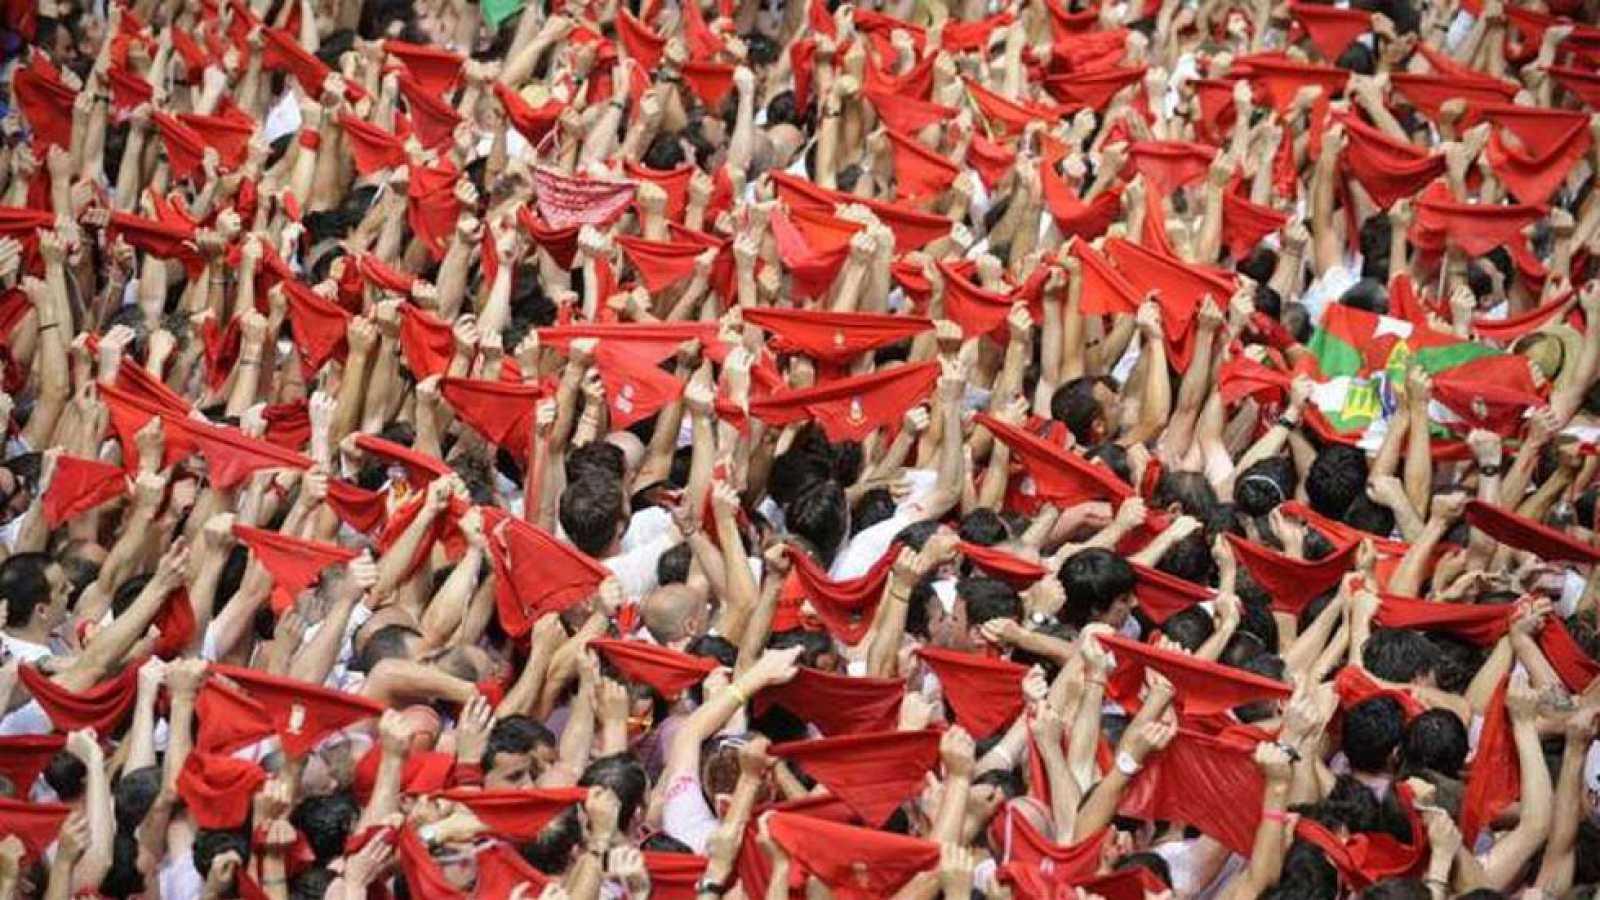 TVE emitirá una programación especial por San Fermín con un equipo de 80 personas